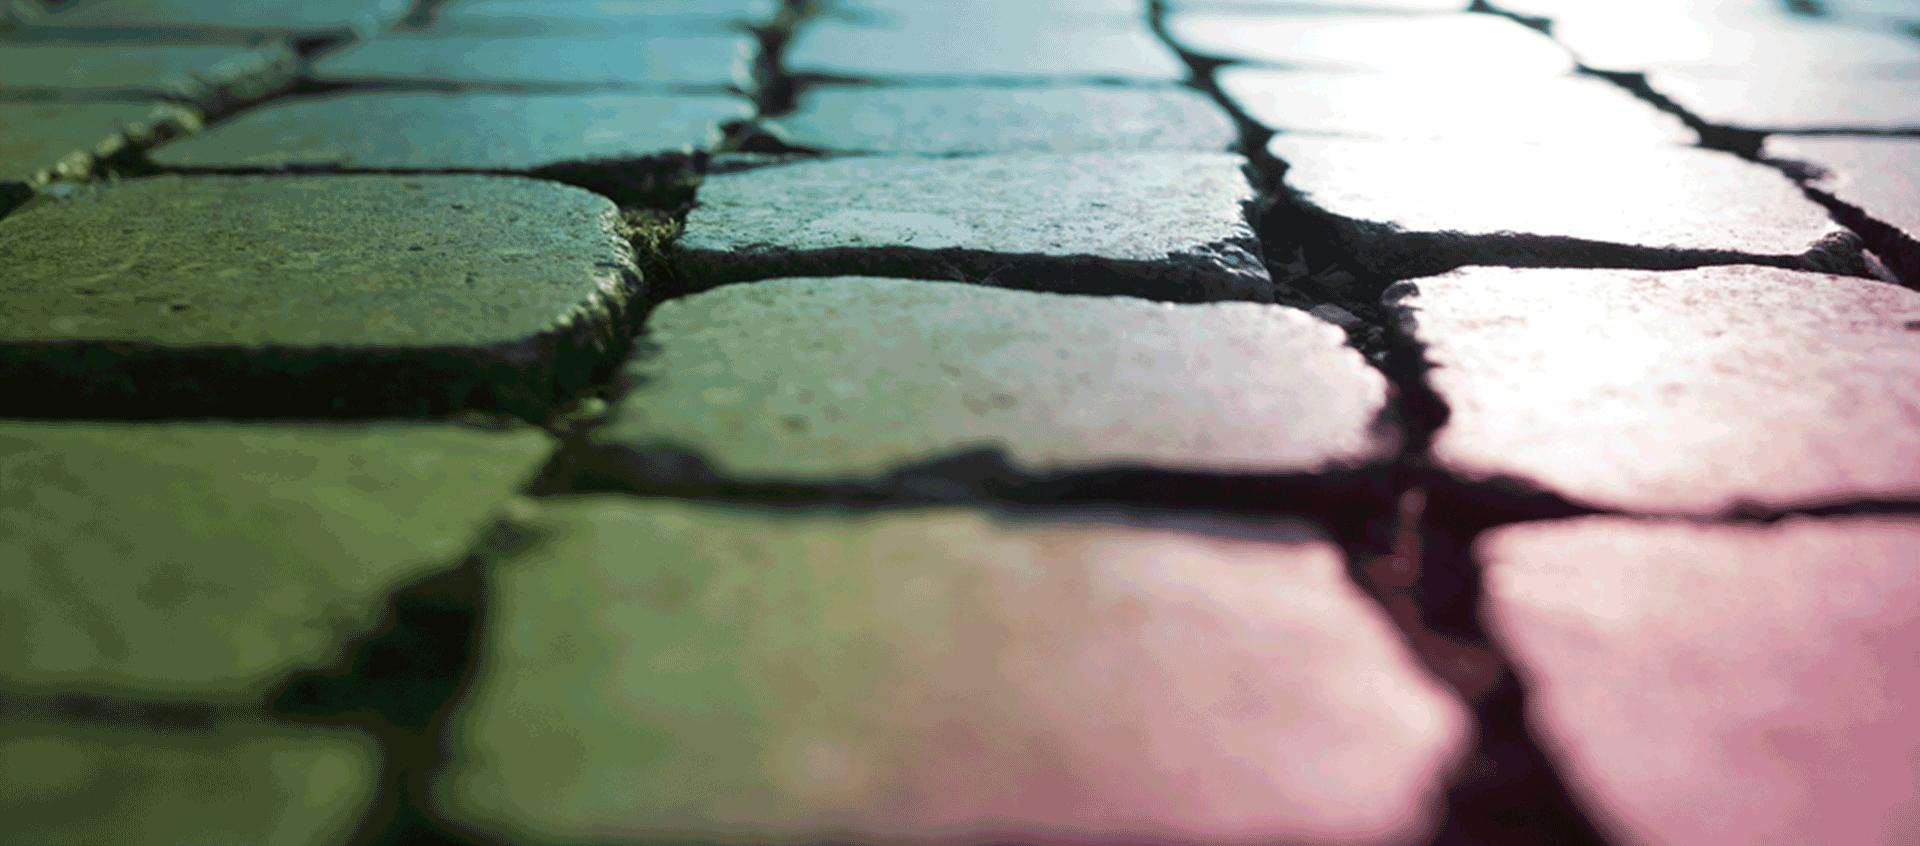 Deslocamento a pé: acessibilidade e conforto das calçadas